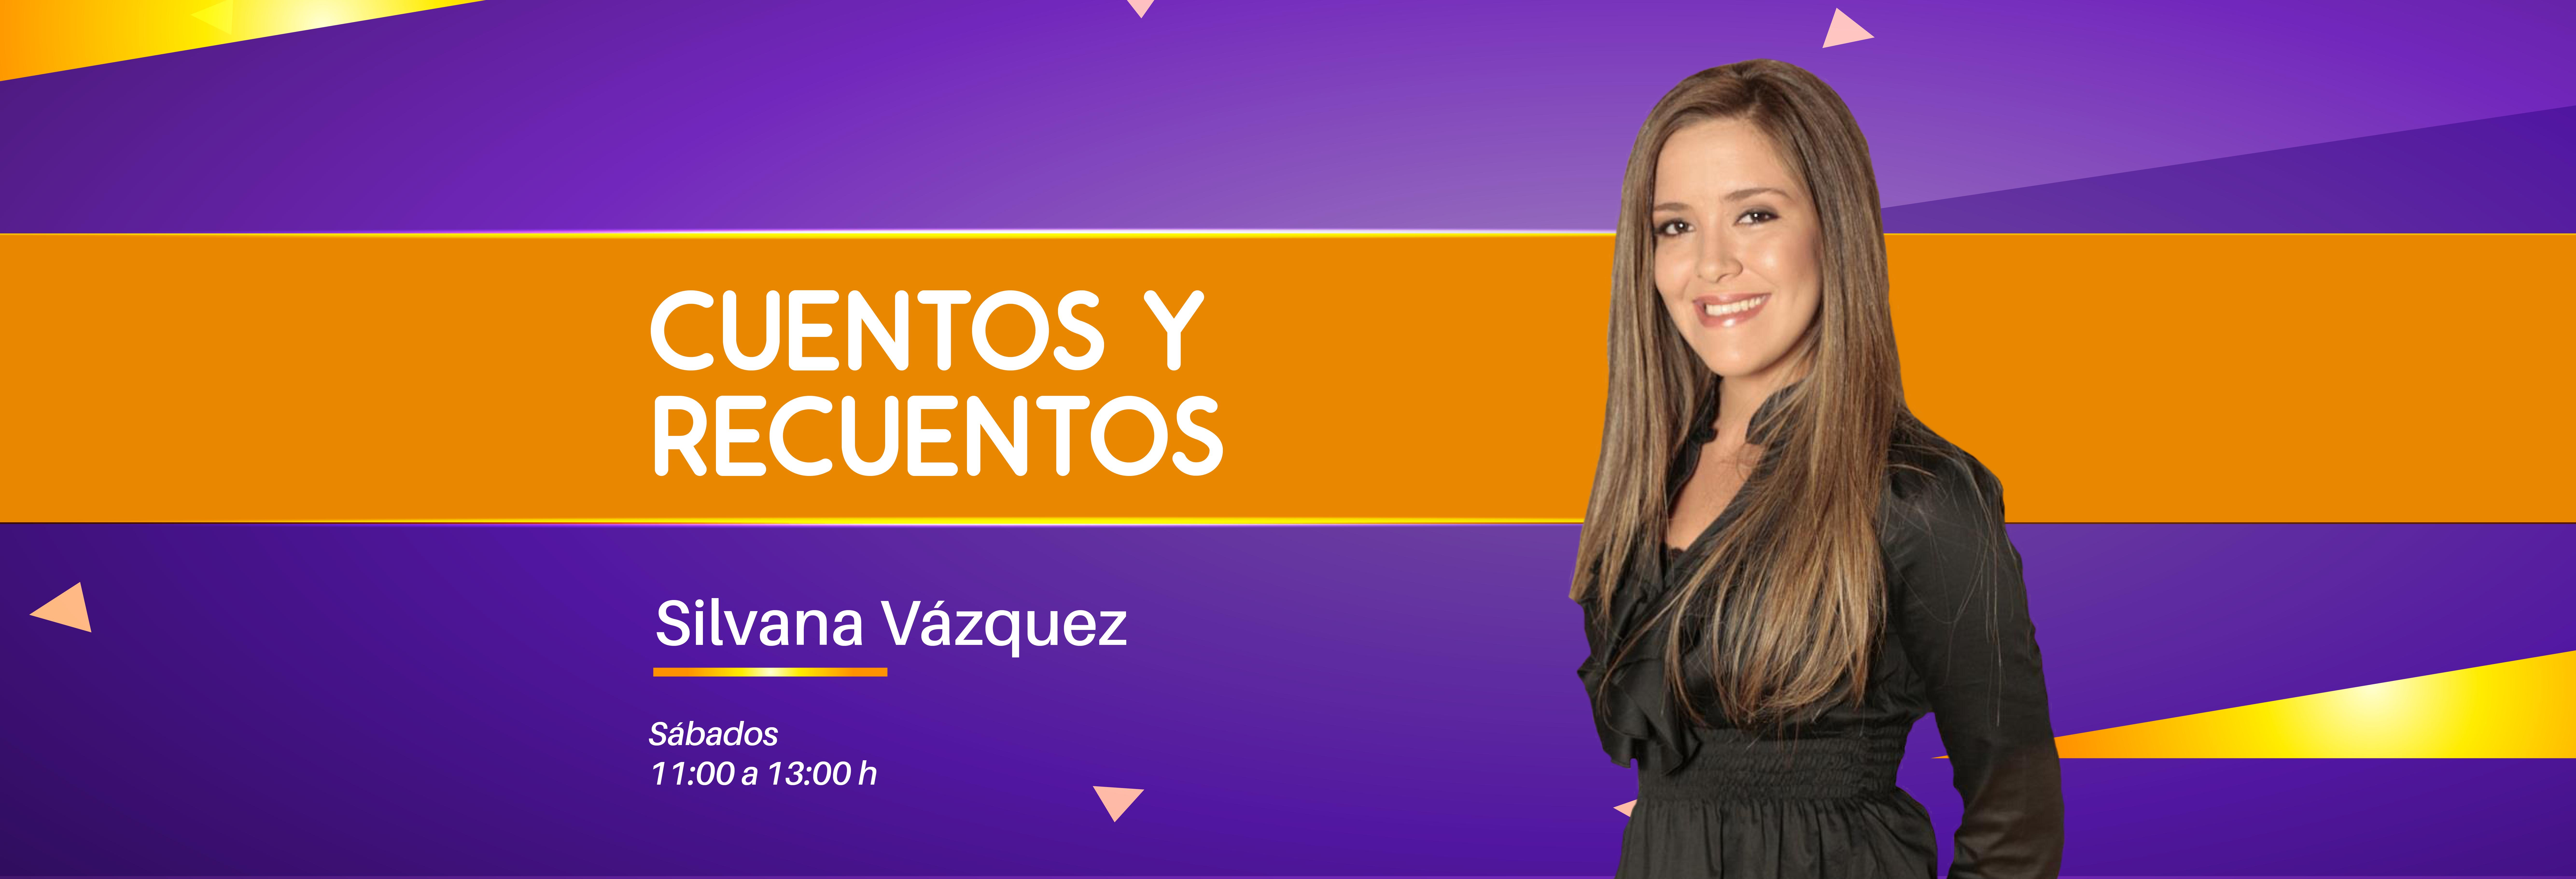 banner_Cuentos y recuentos-02